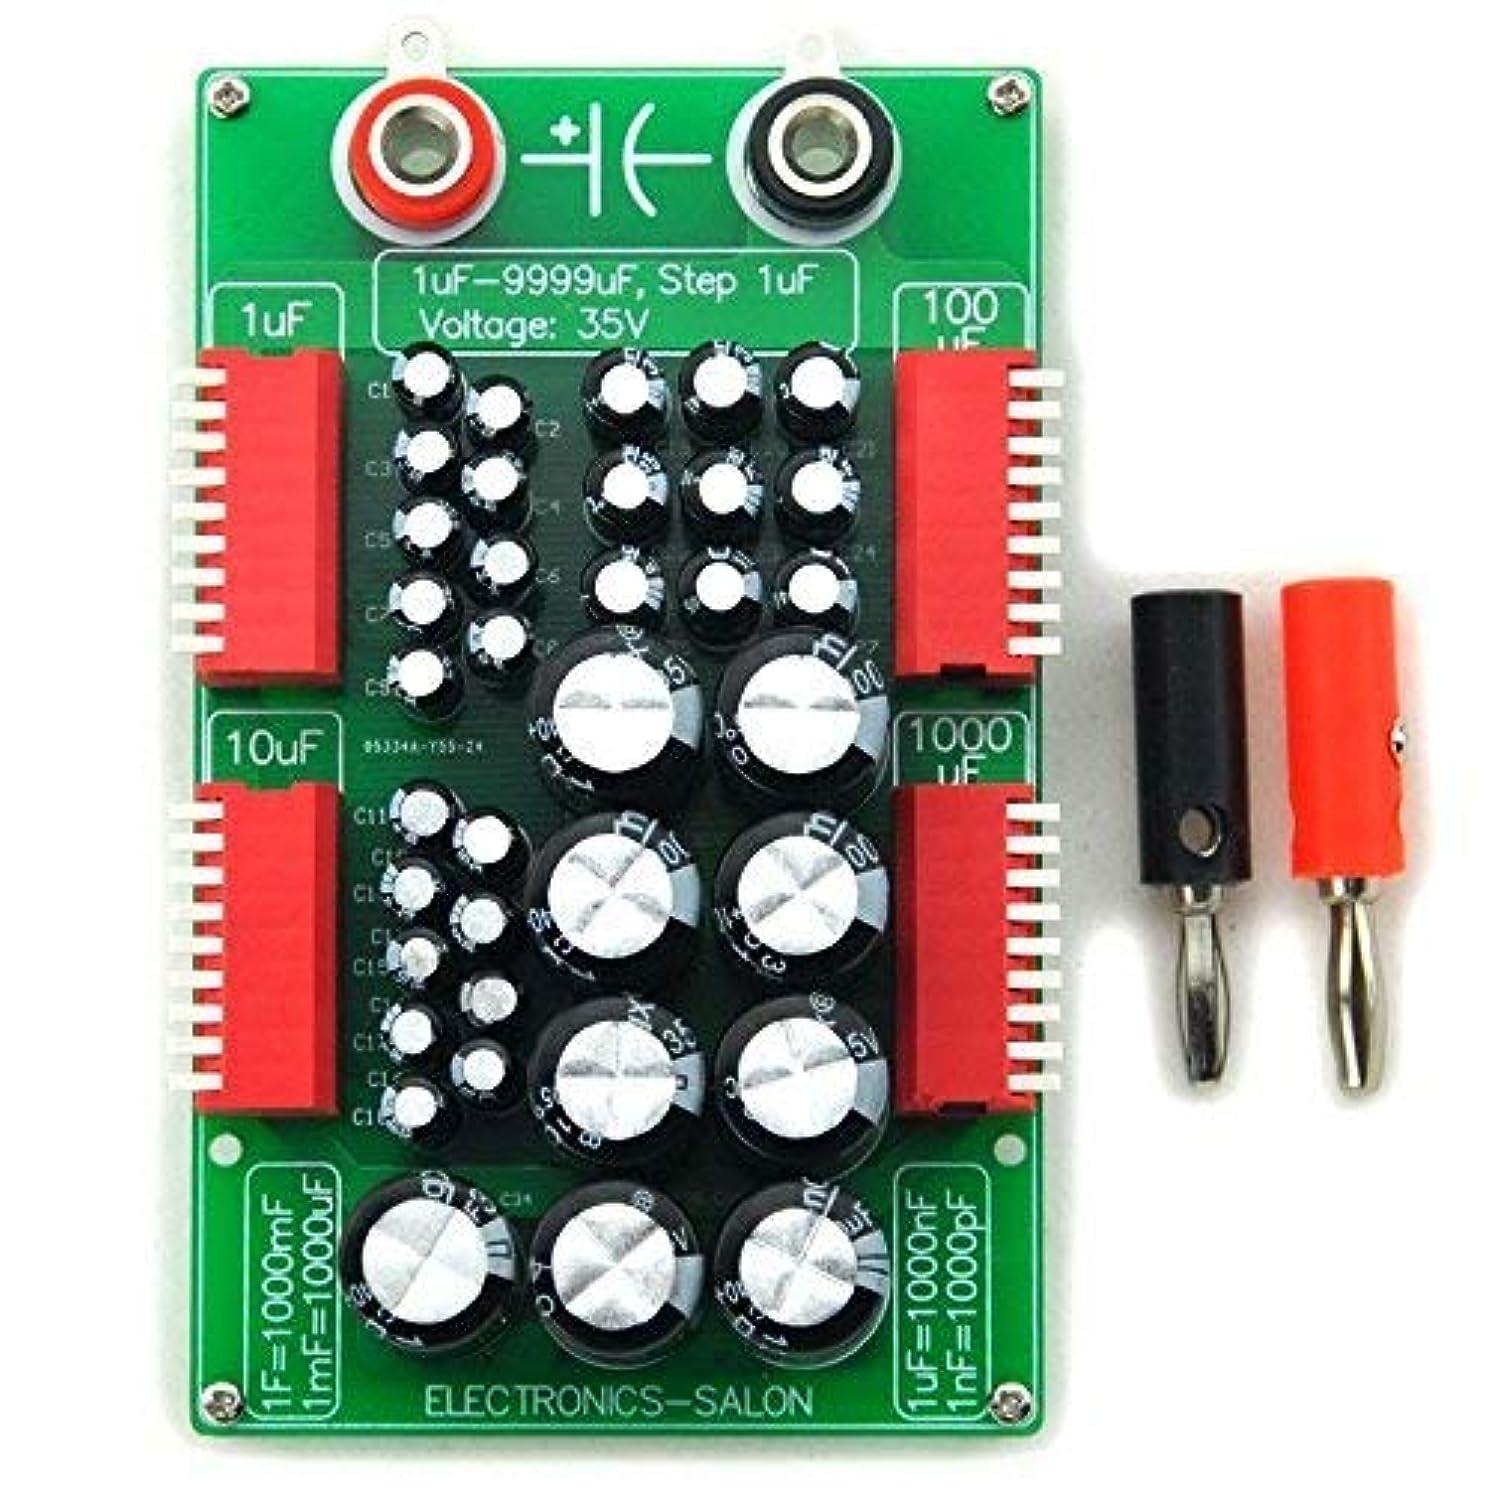 神経衰弱特異な最も早いElectronics-Salon 9999ufステップ-1μF 4十年 プログラム可能なコンデンサボードに1UF